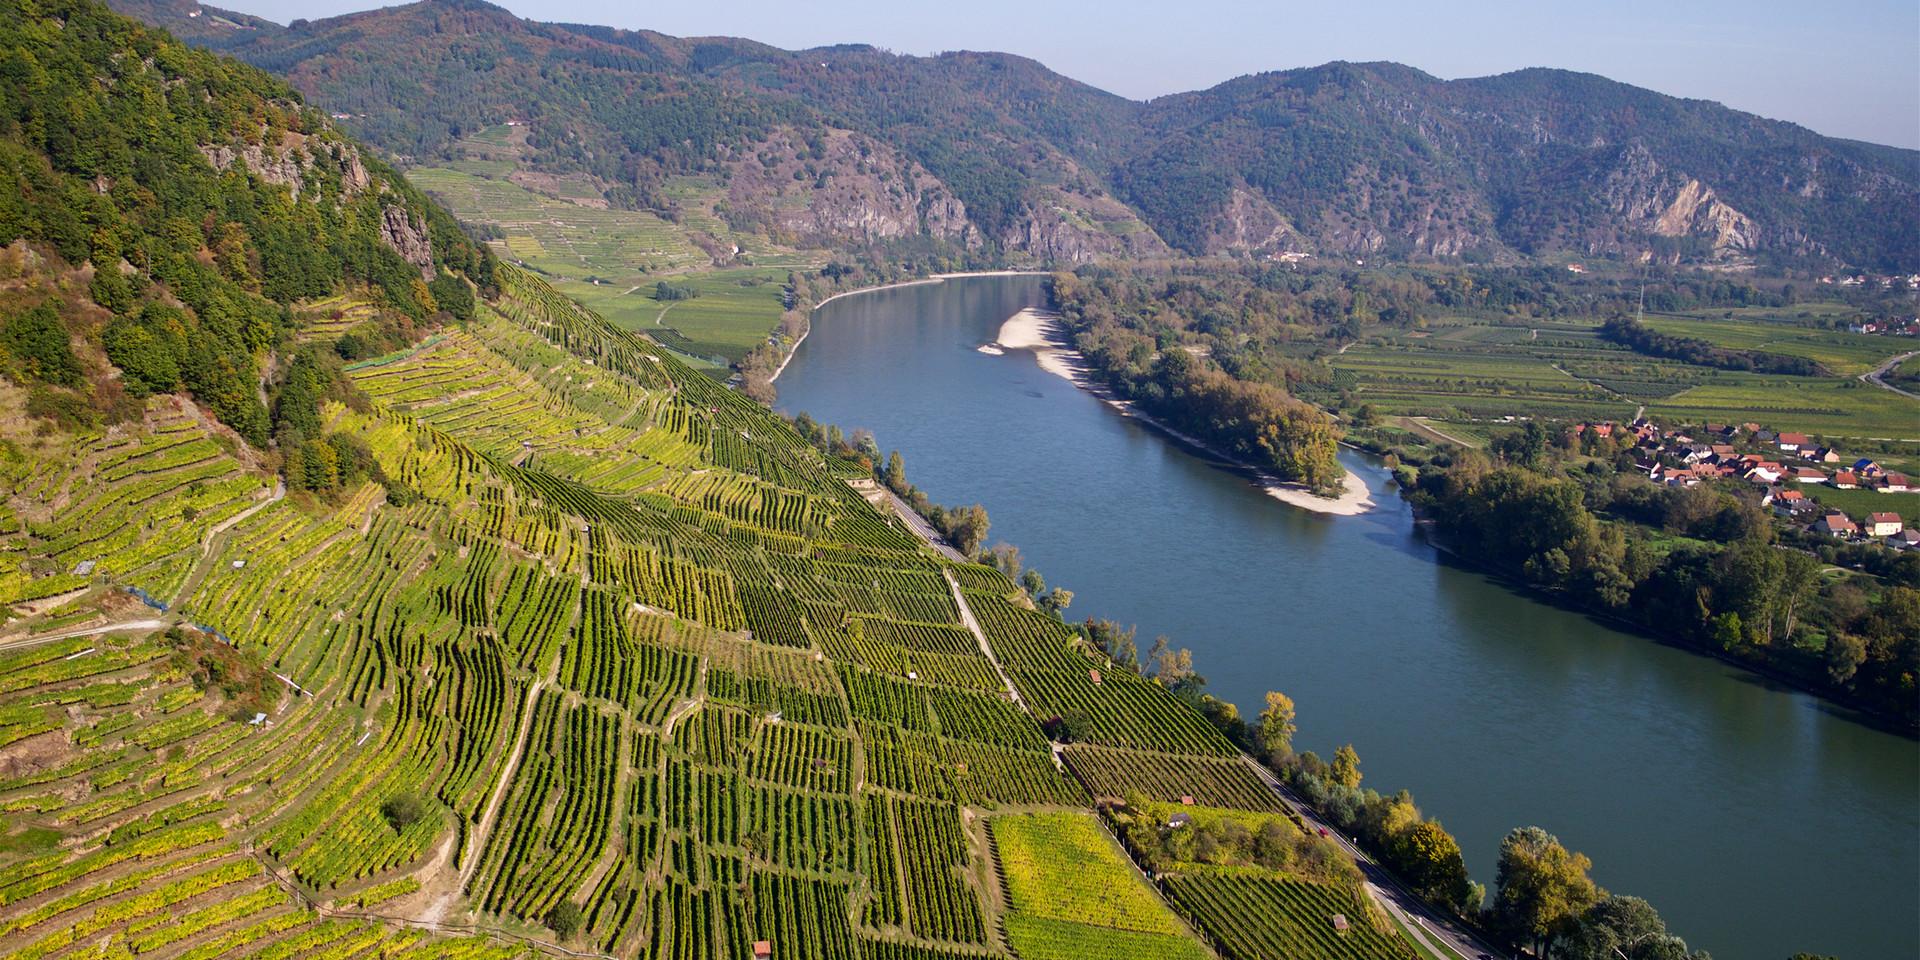 Wachau wine valley (Austria, Day 3)